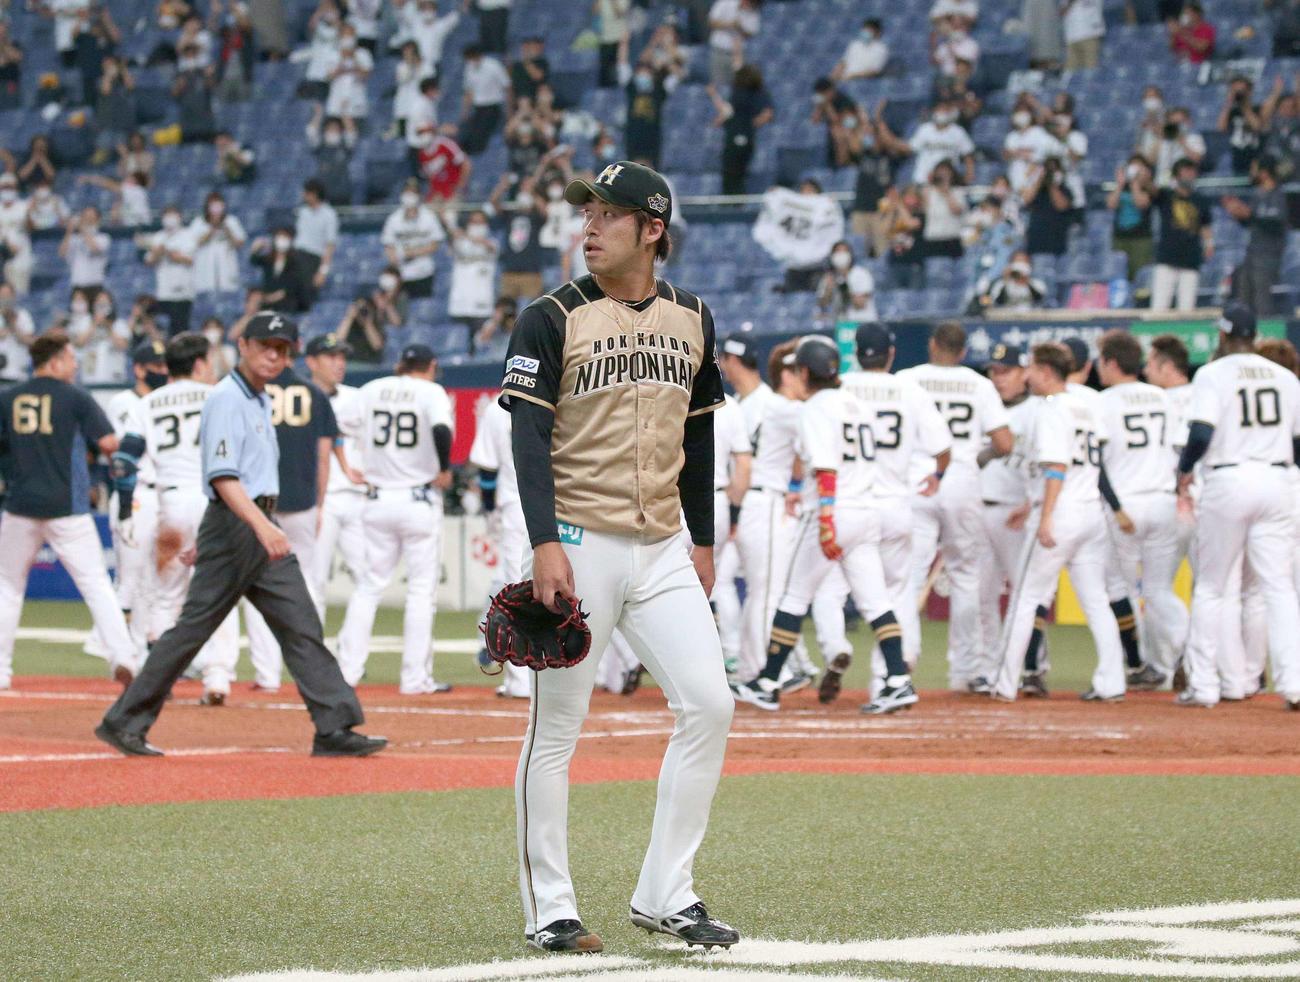 オリックス対日本ハム 9回裏、ロドリゲスにサヨナラ3点本塁打を浴び引き揚げる秋吉(撮影・黒川智章)